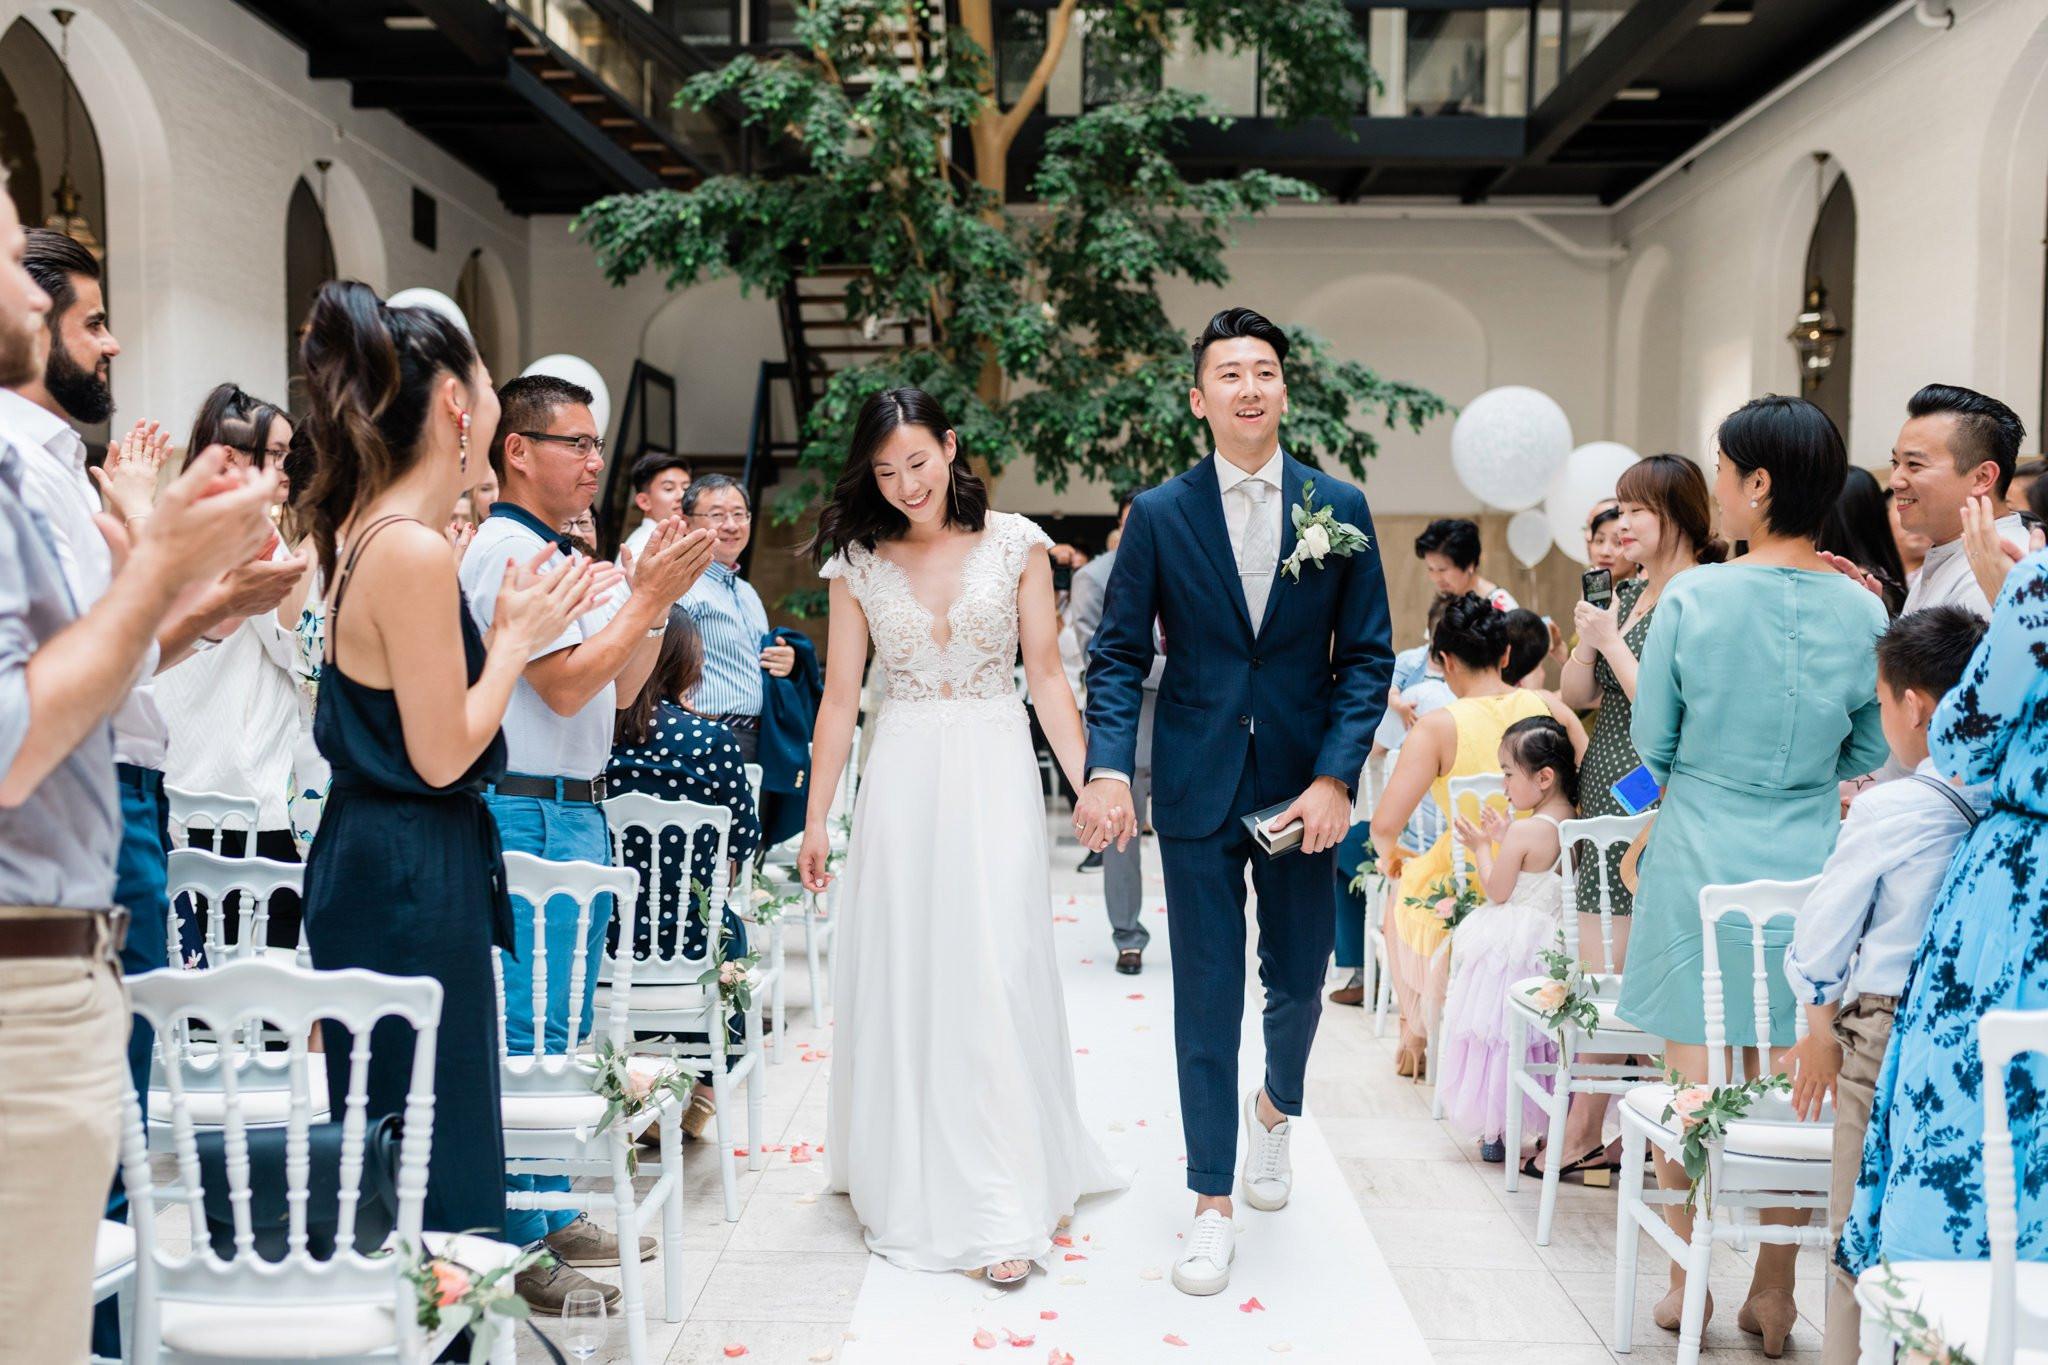 wat aandoen op trouwfeest